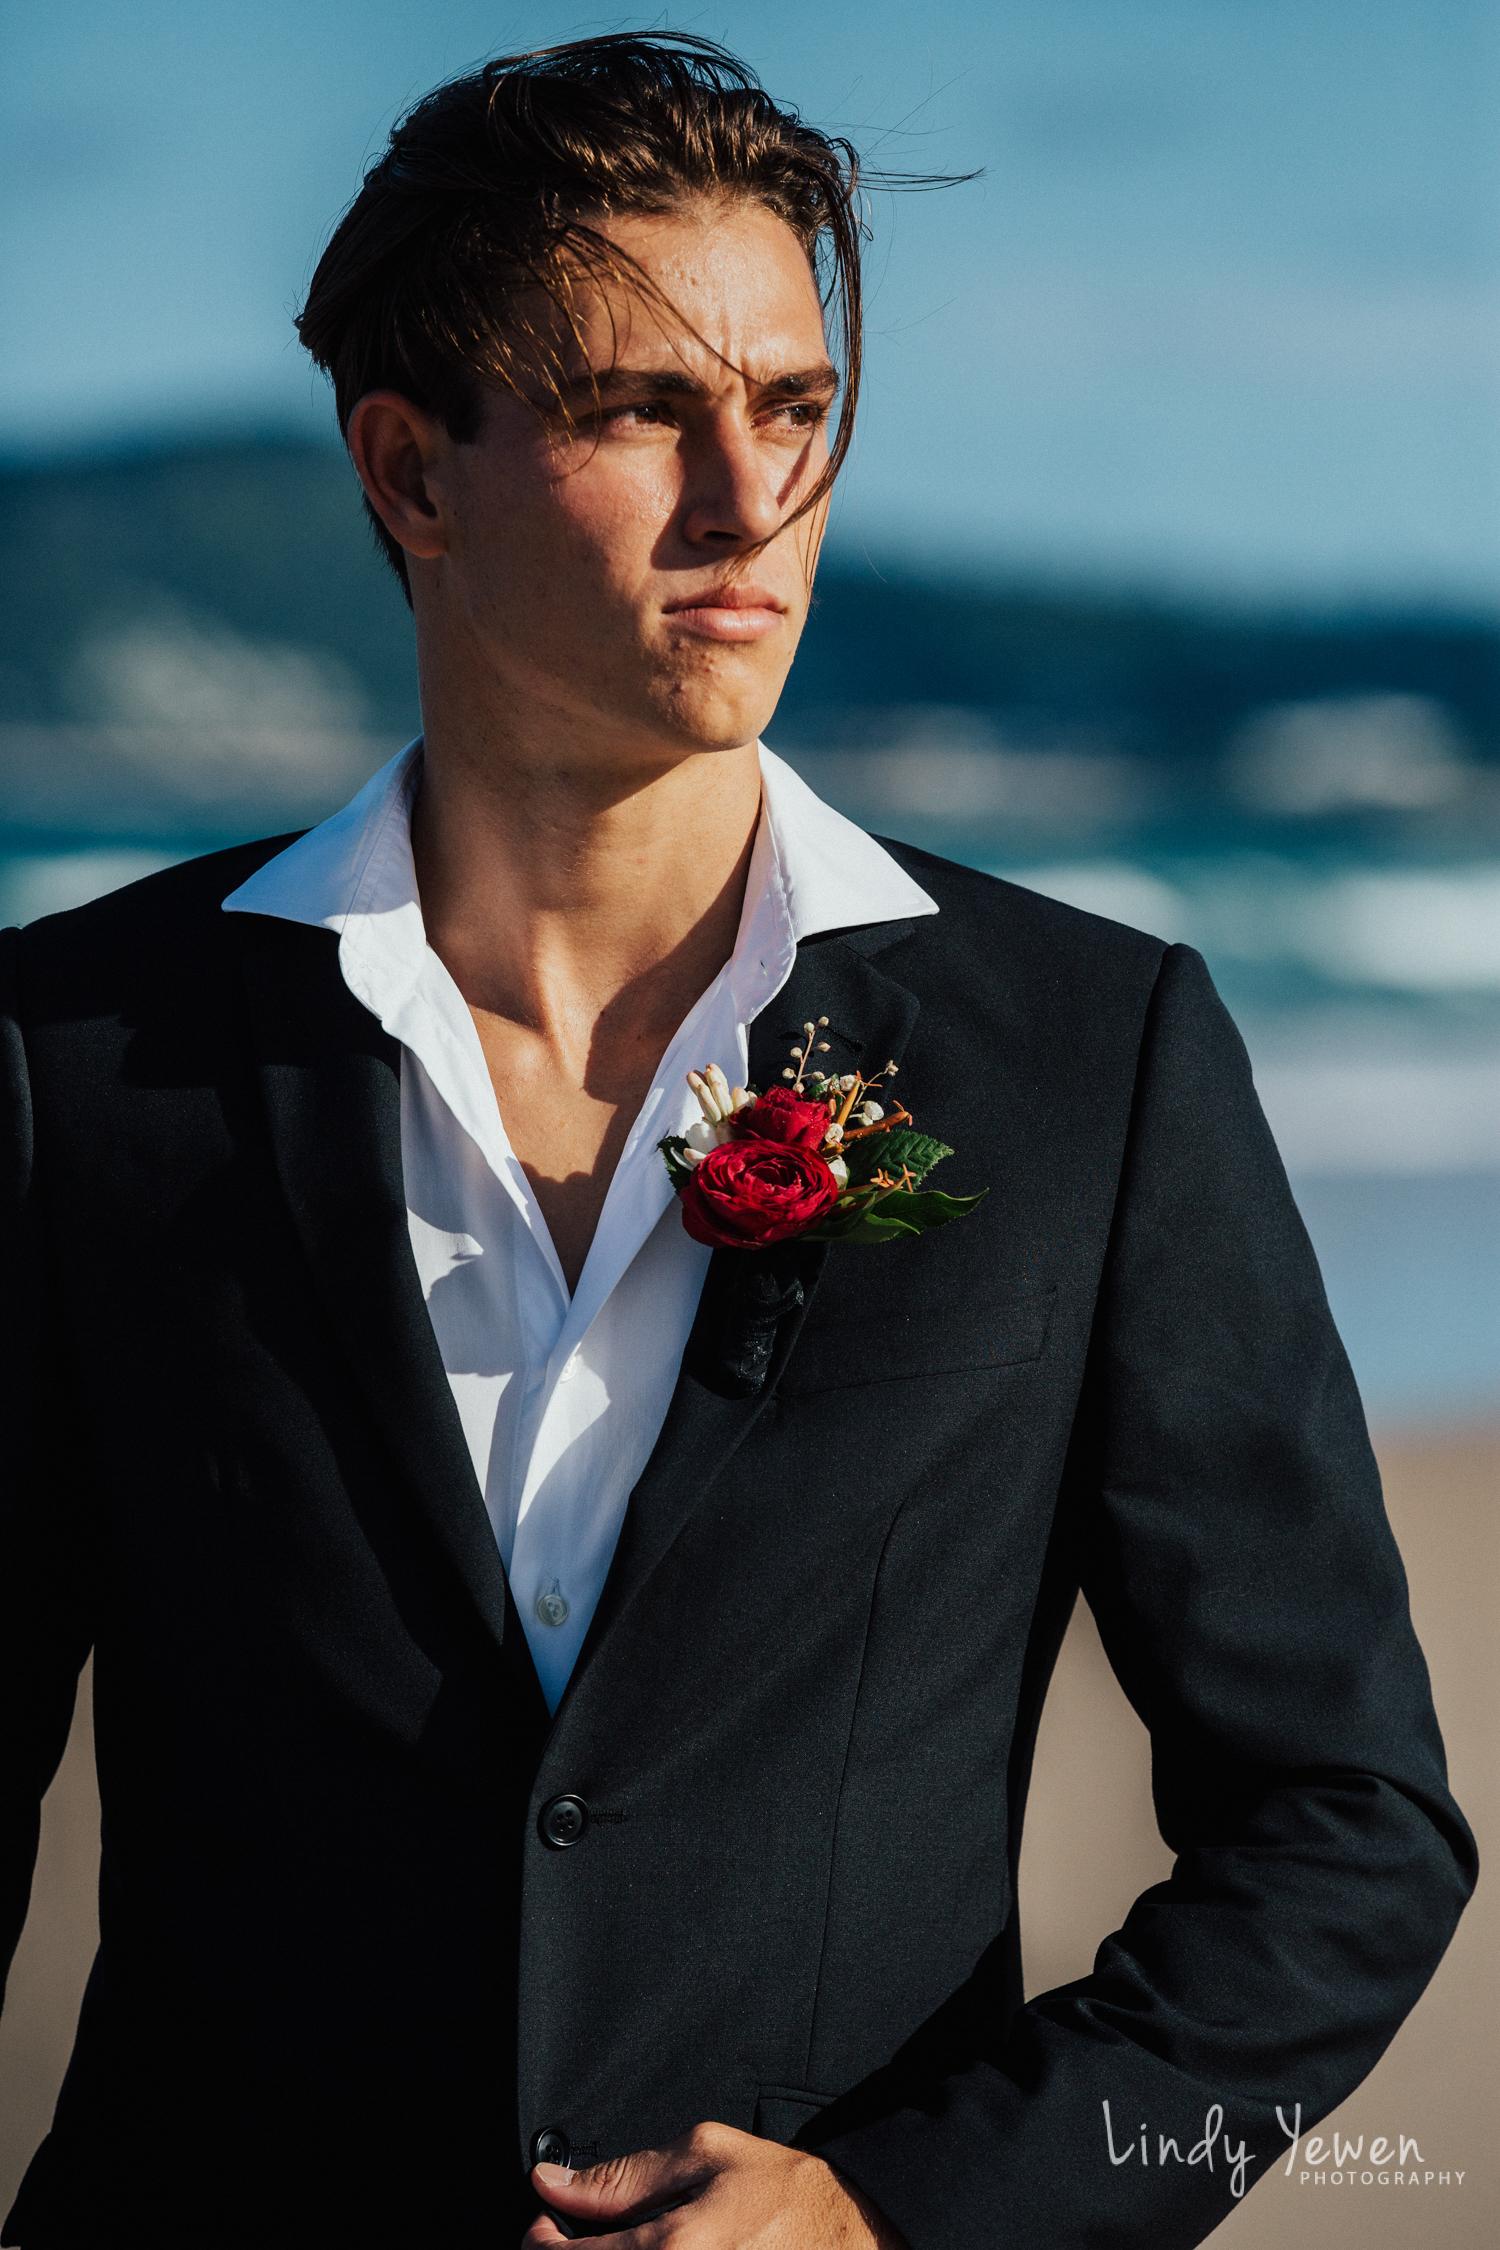 Lindy-Yewen-Photography-Spanish-Wedding 26.jpg